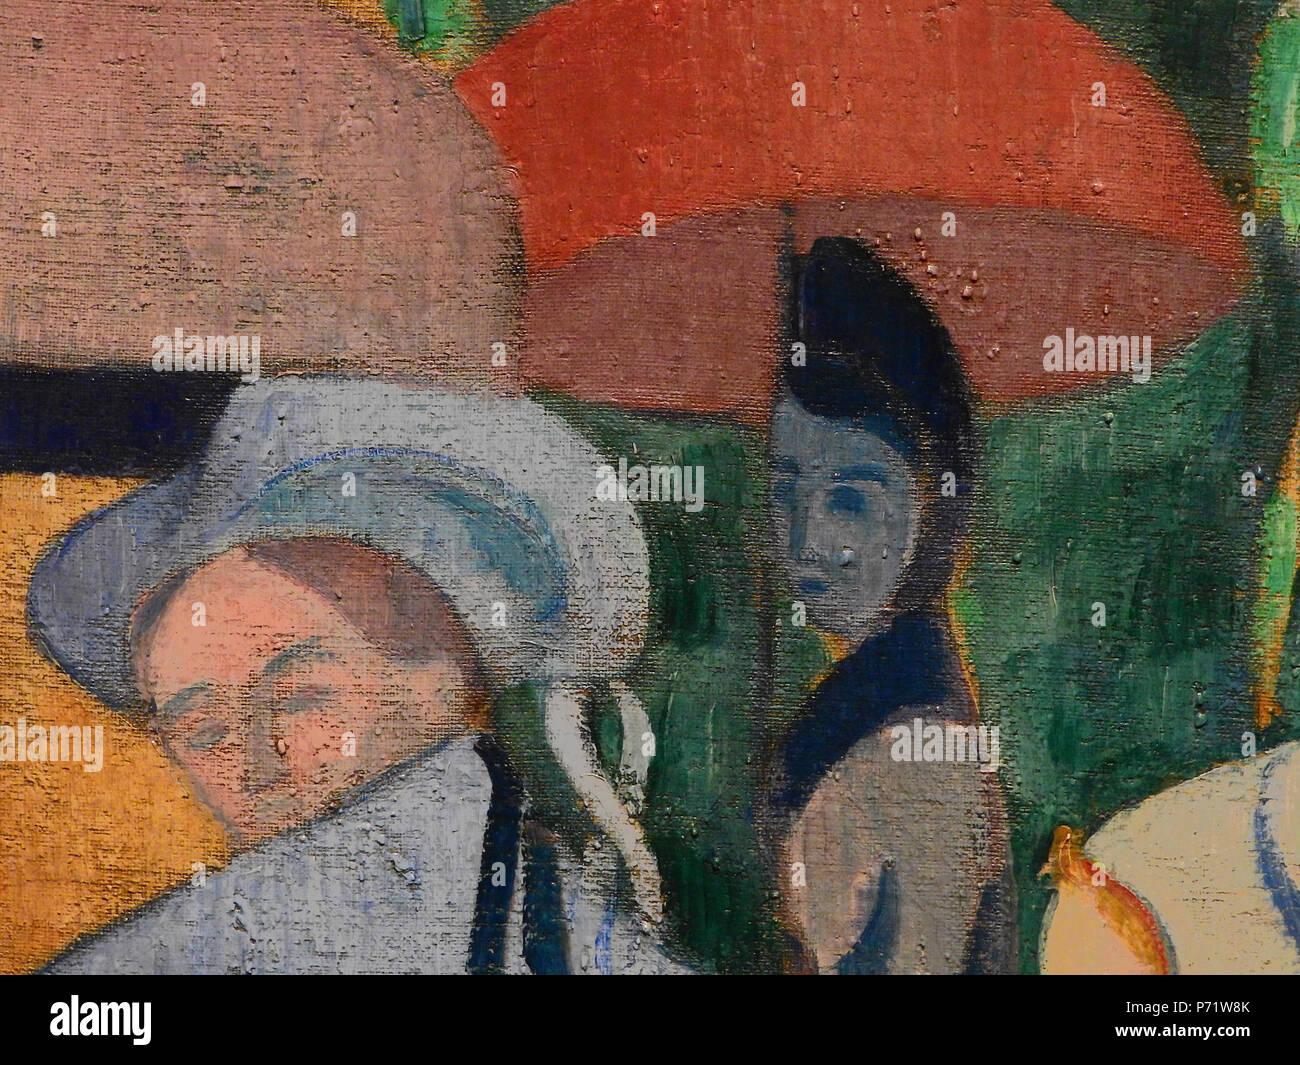 Français: - Detail 14 - Jeune femme dans l'ombre et femme au chapeau breton - Young woman in the shaddow and woman with a breton hat - Orsay - . 1892 5 BERNARD Emile,1892 - Les Bretonnes aux Ombrelles - Detail 14 - Stock Image